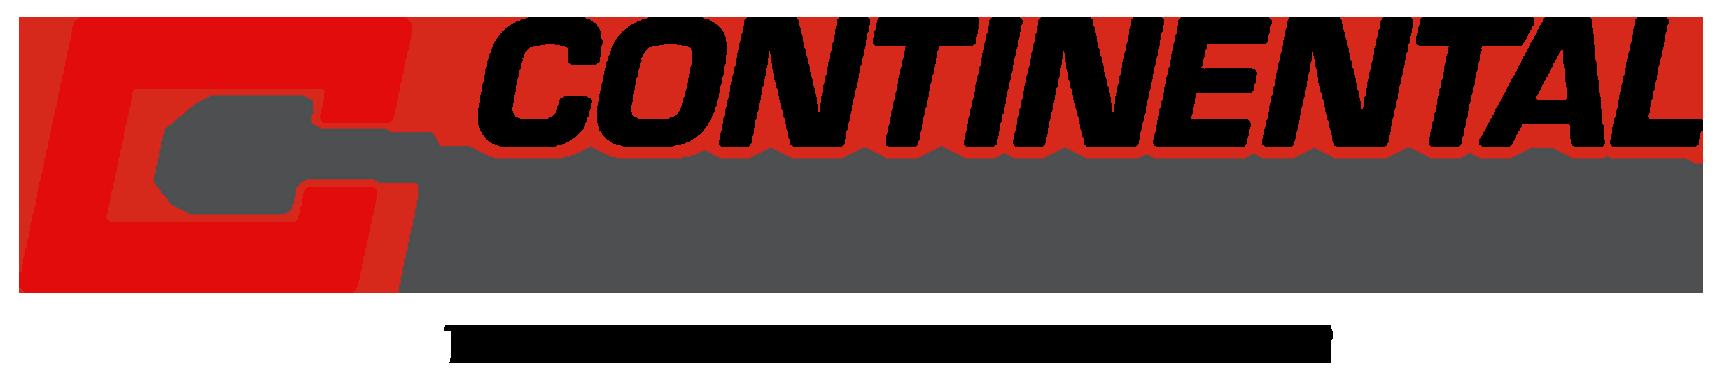 PER2614B658